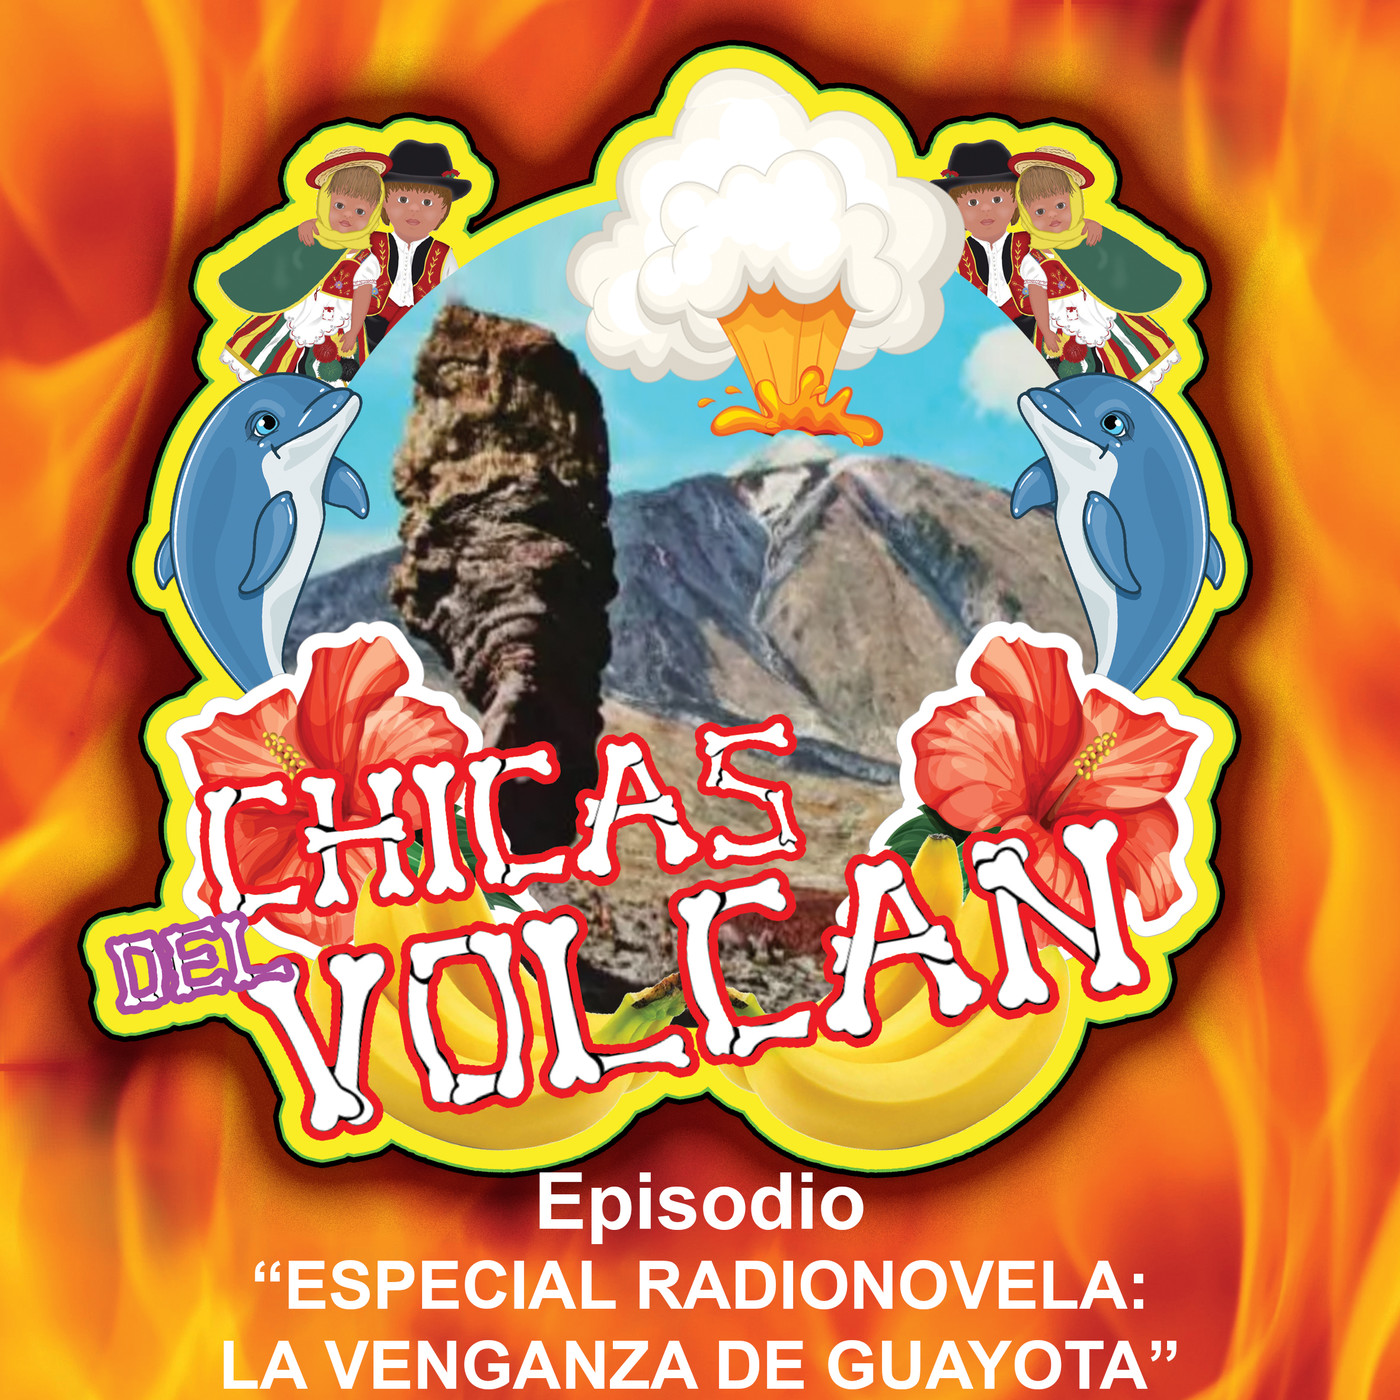 Especial radionovela: La venganza de Guayota